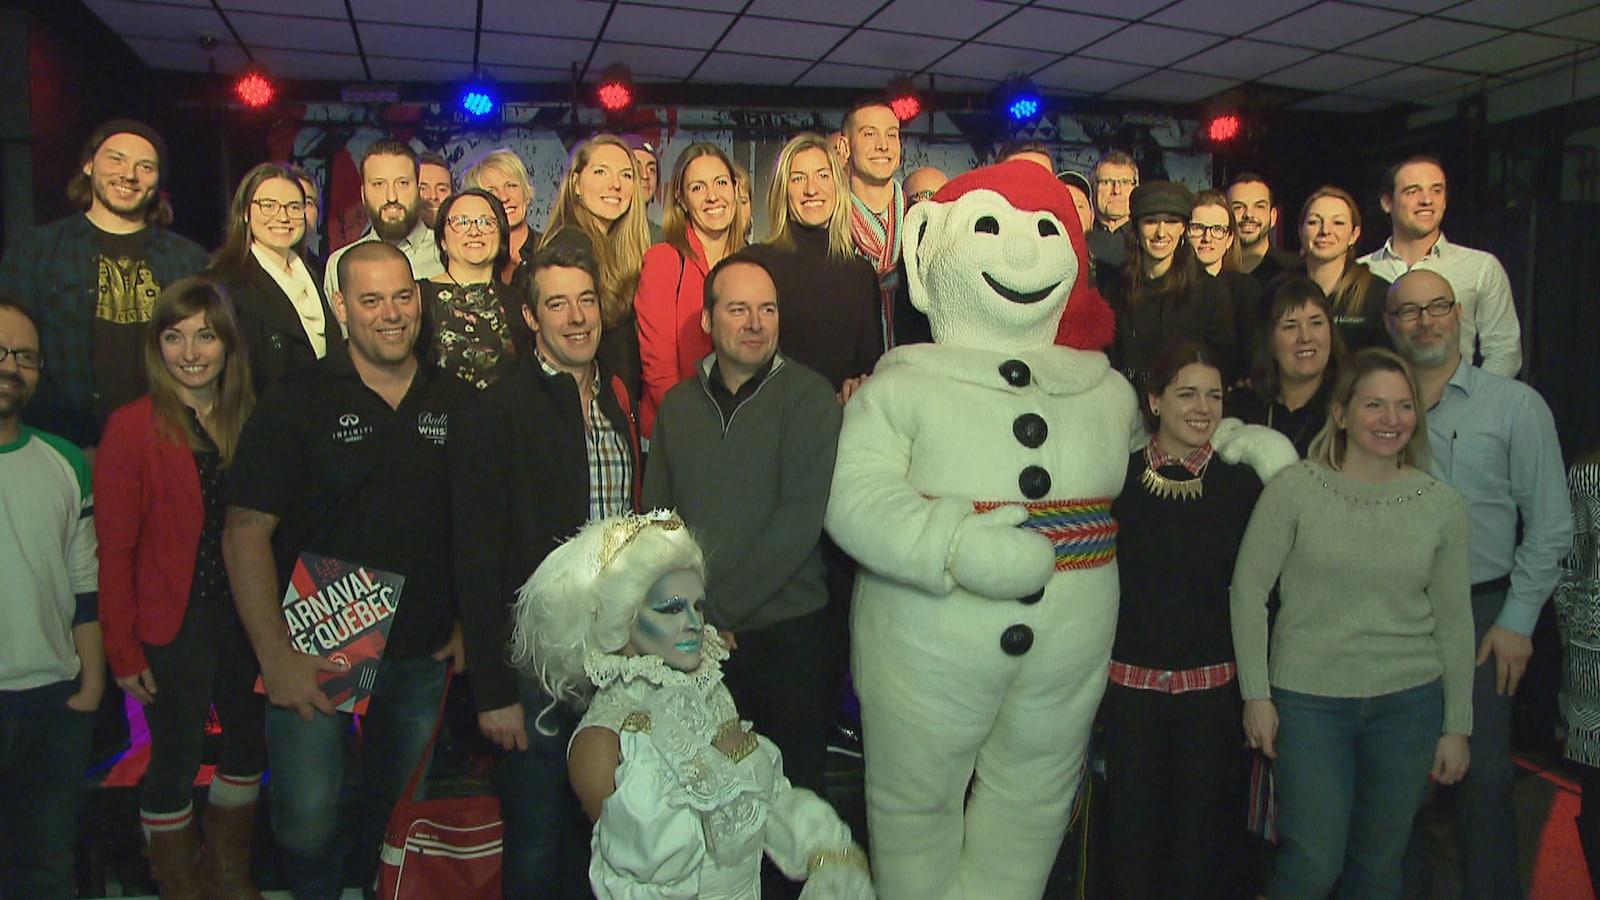 Bonhomme Carnaval pose pour les caméras en compagnie d'employés et de partenaires de la fête hivernale à l'issue d'une conférence de presse.